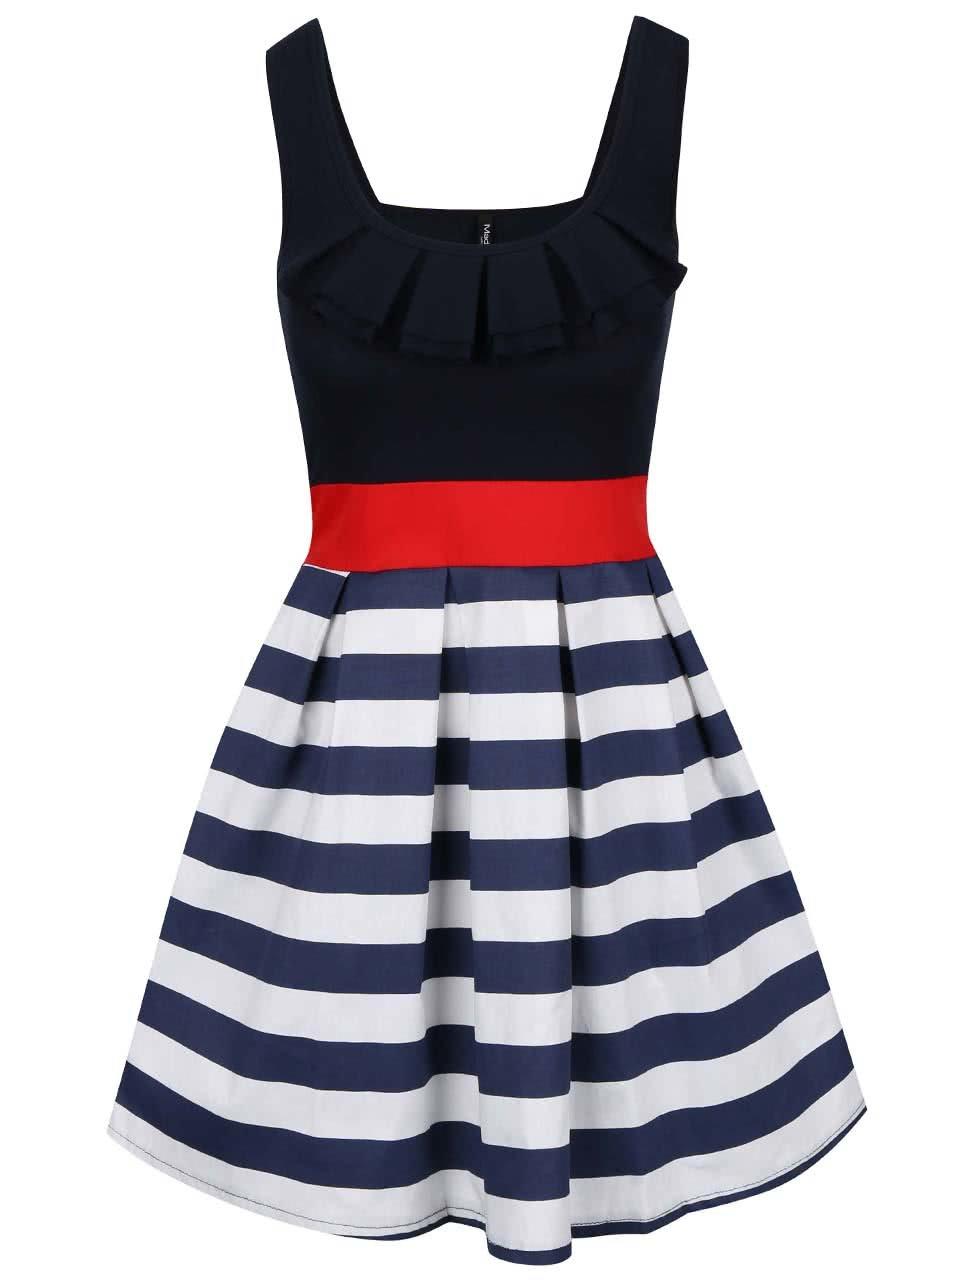 Bílo-modré šaty s červenou stuhou Madonna ... 6b1e8d459b